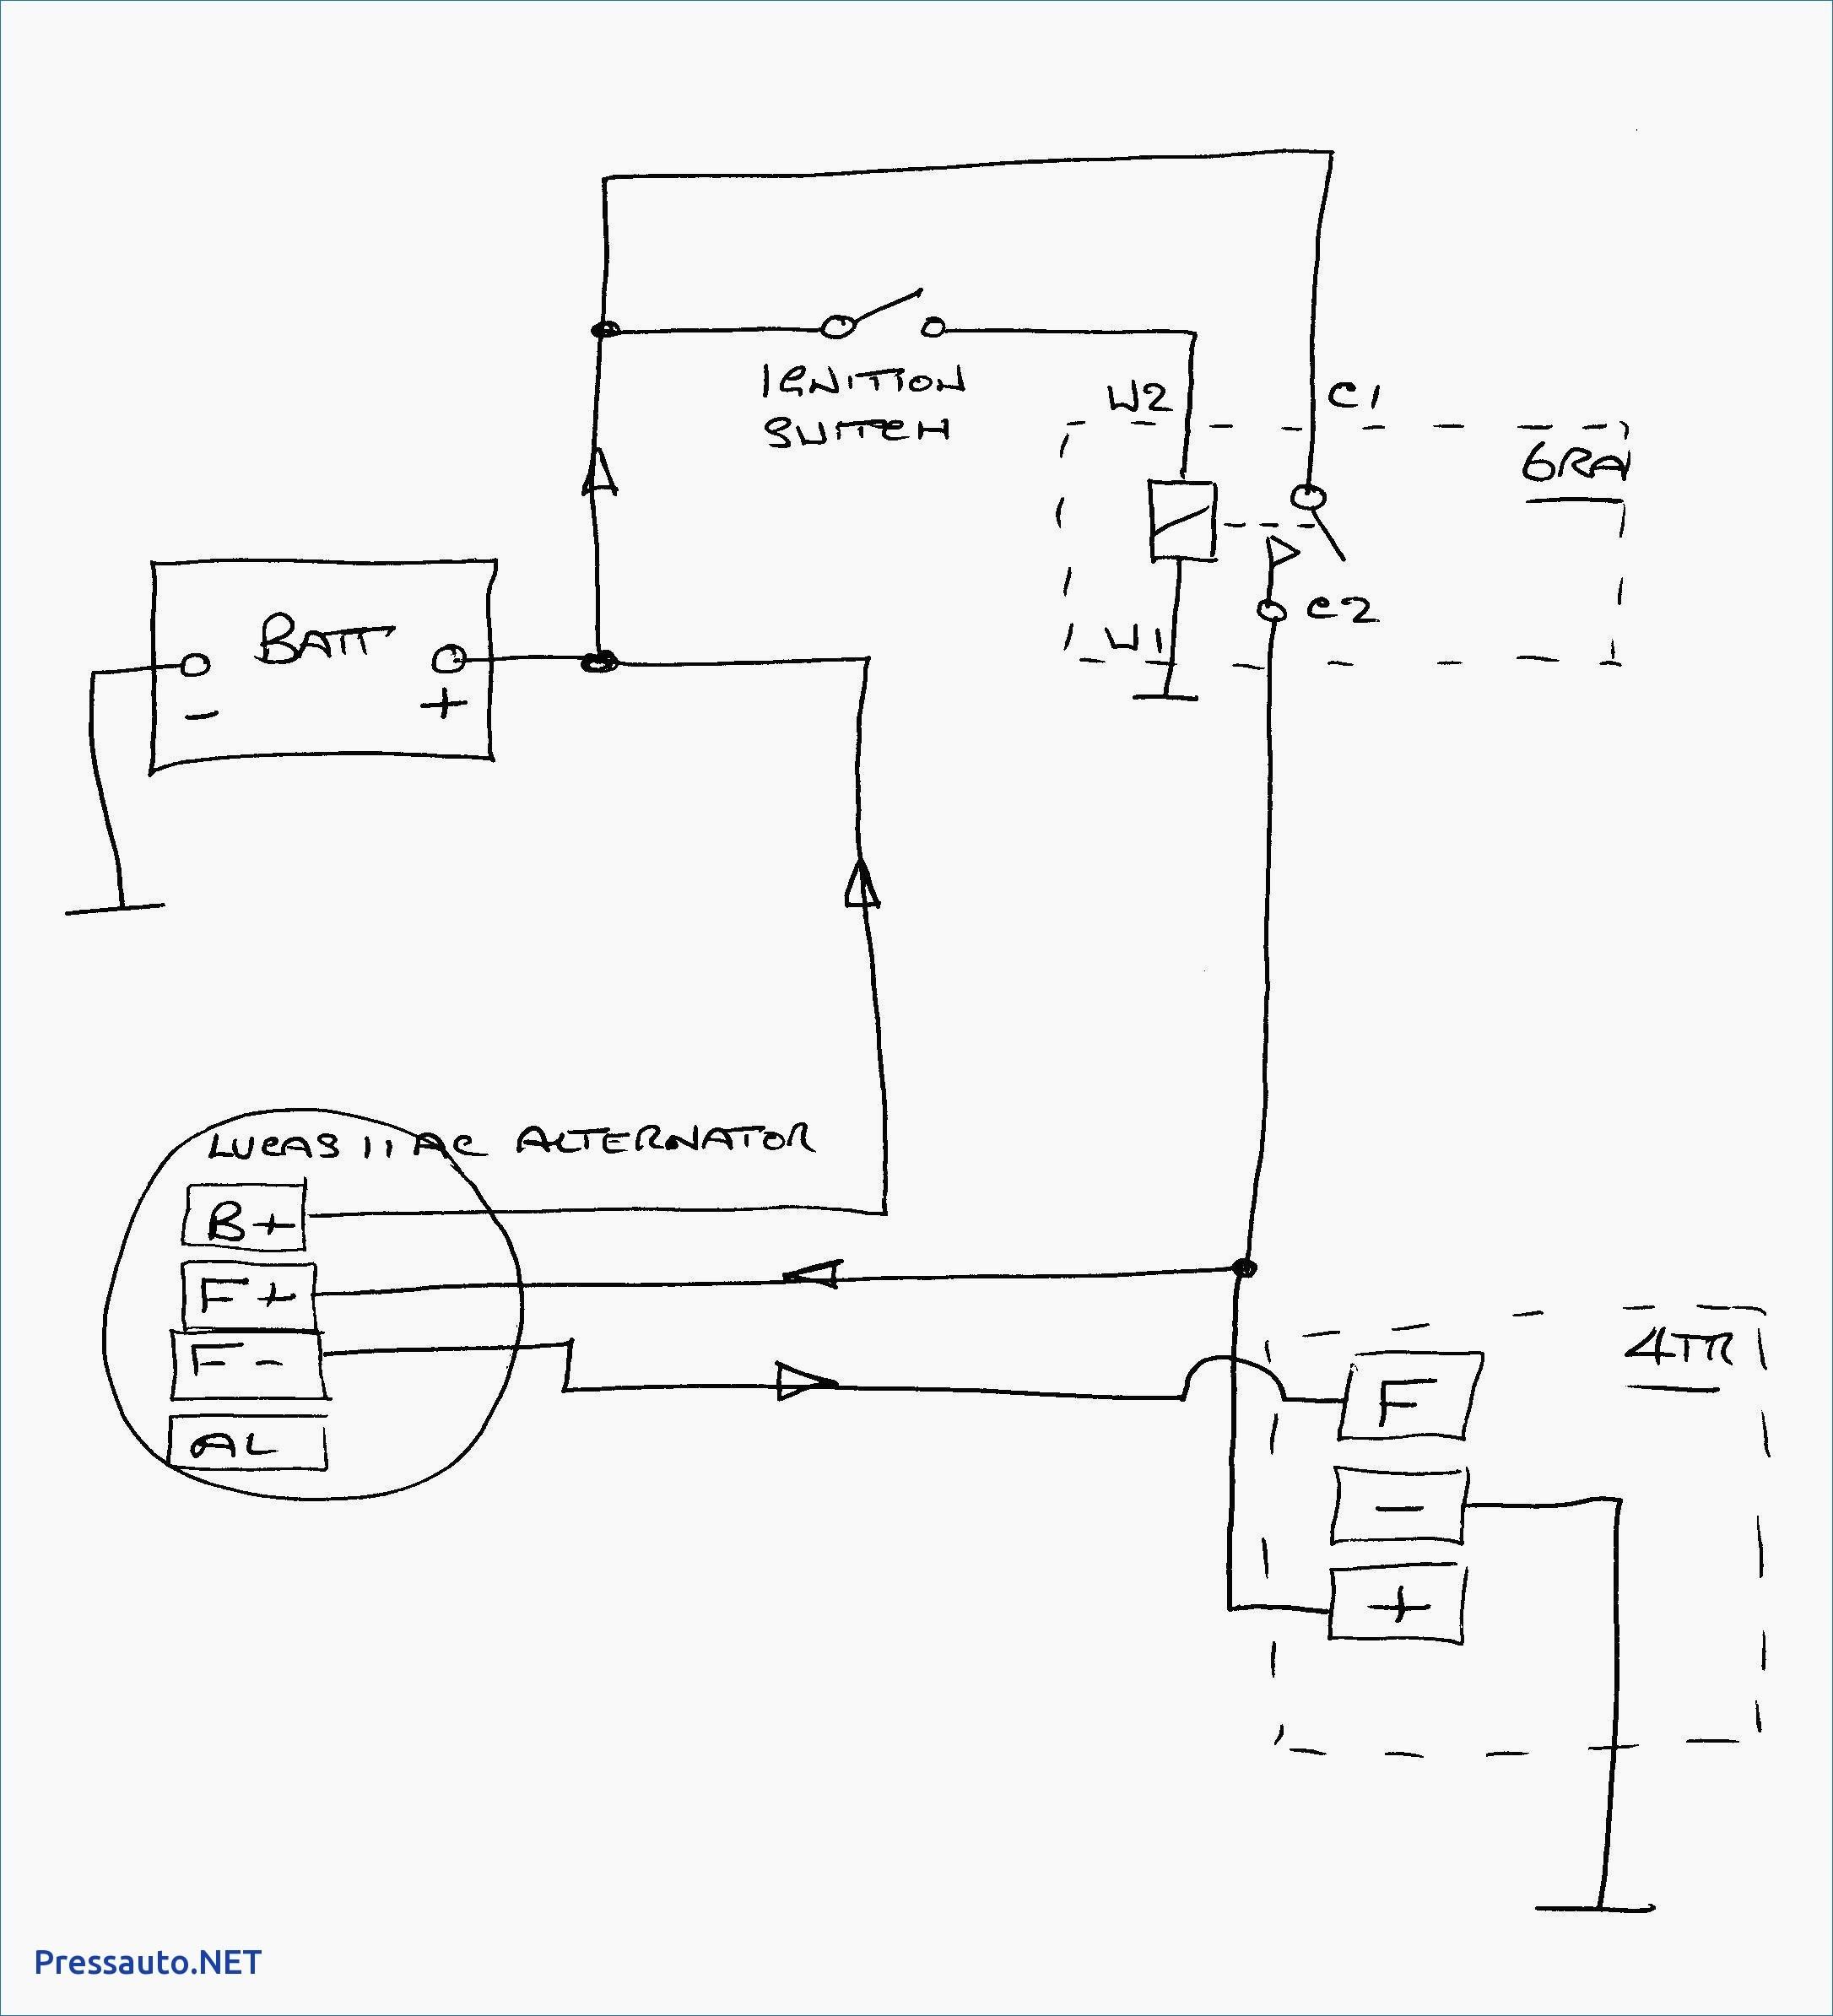 Diesel Engine Alternator Wiring Diagram Best Alternator Wiring Diagram Wiring Of Diesel Engine Alternator Wiring Diagram